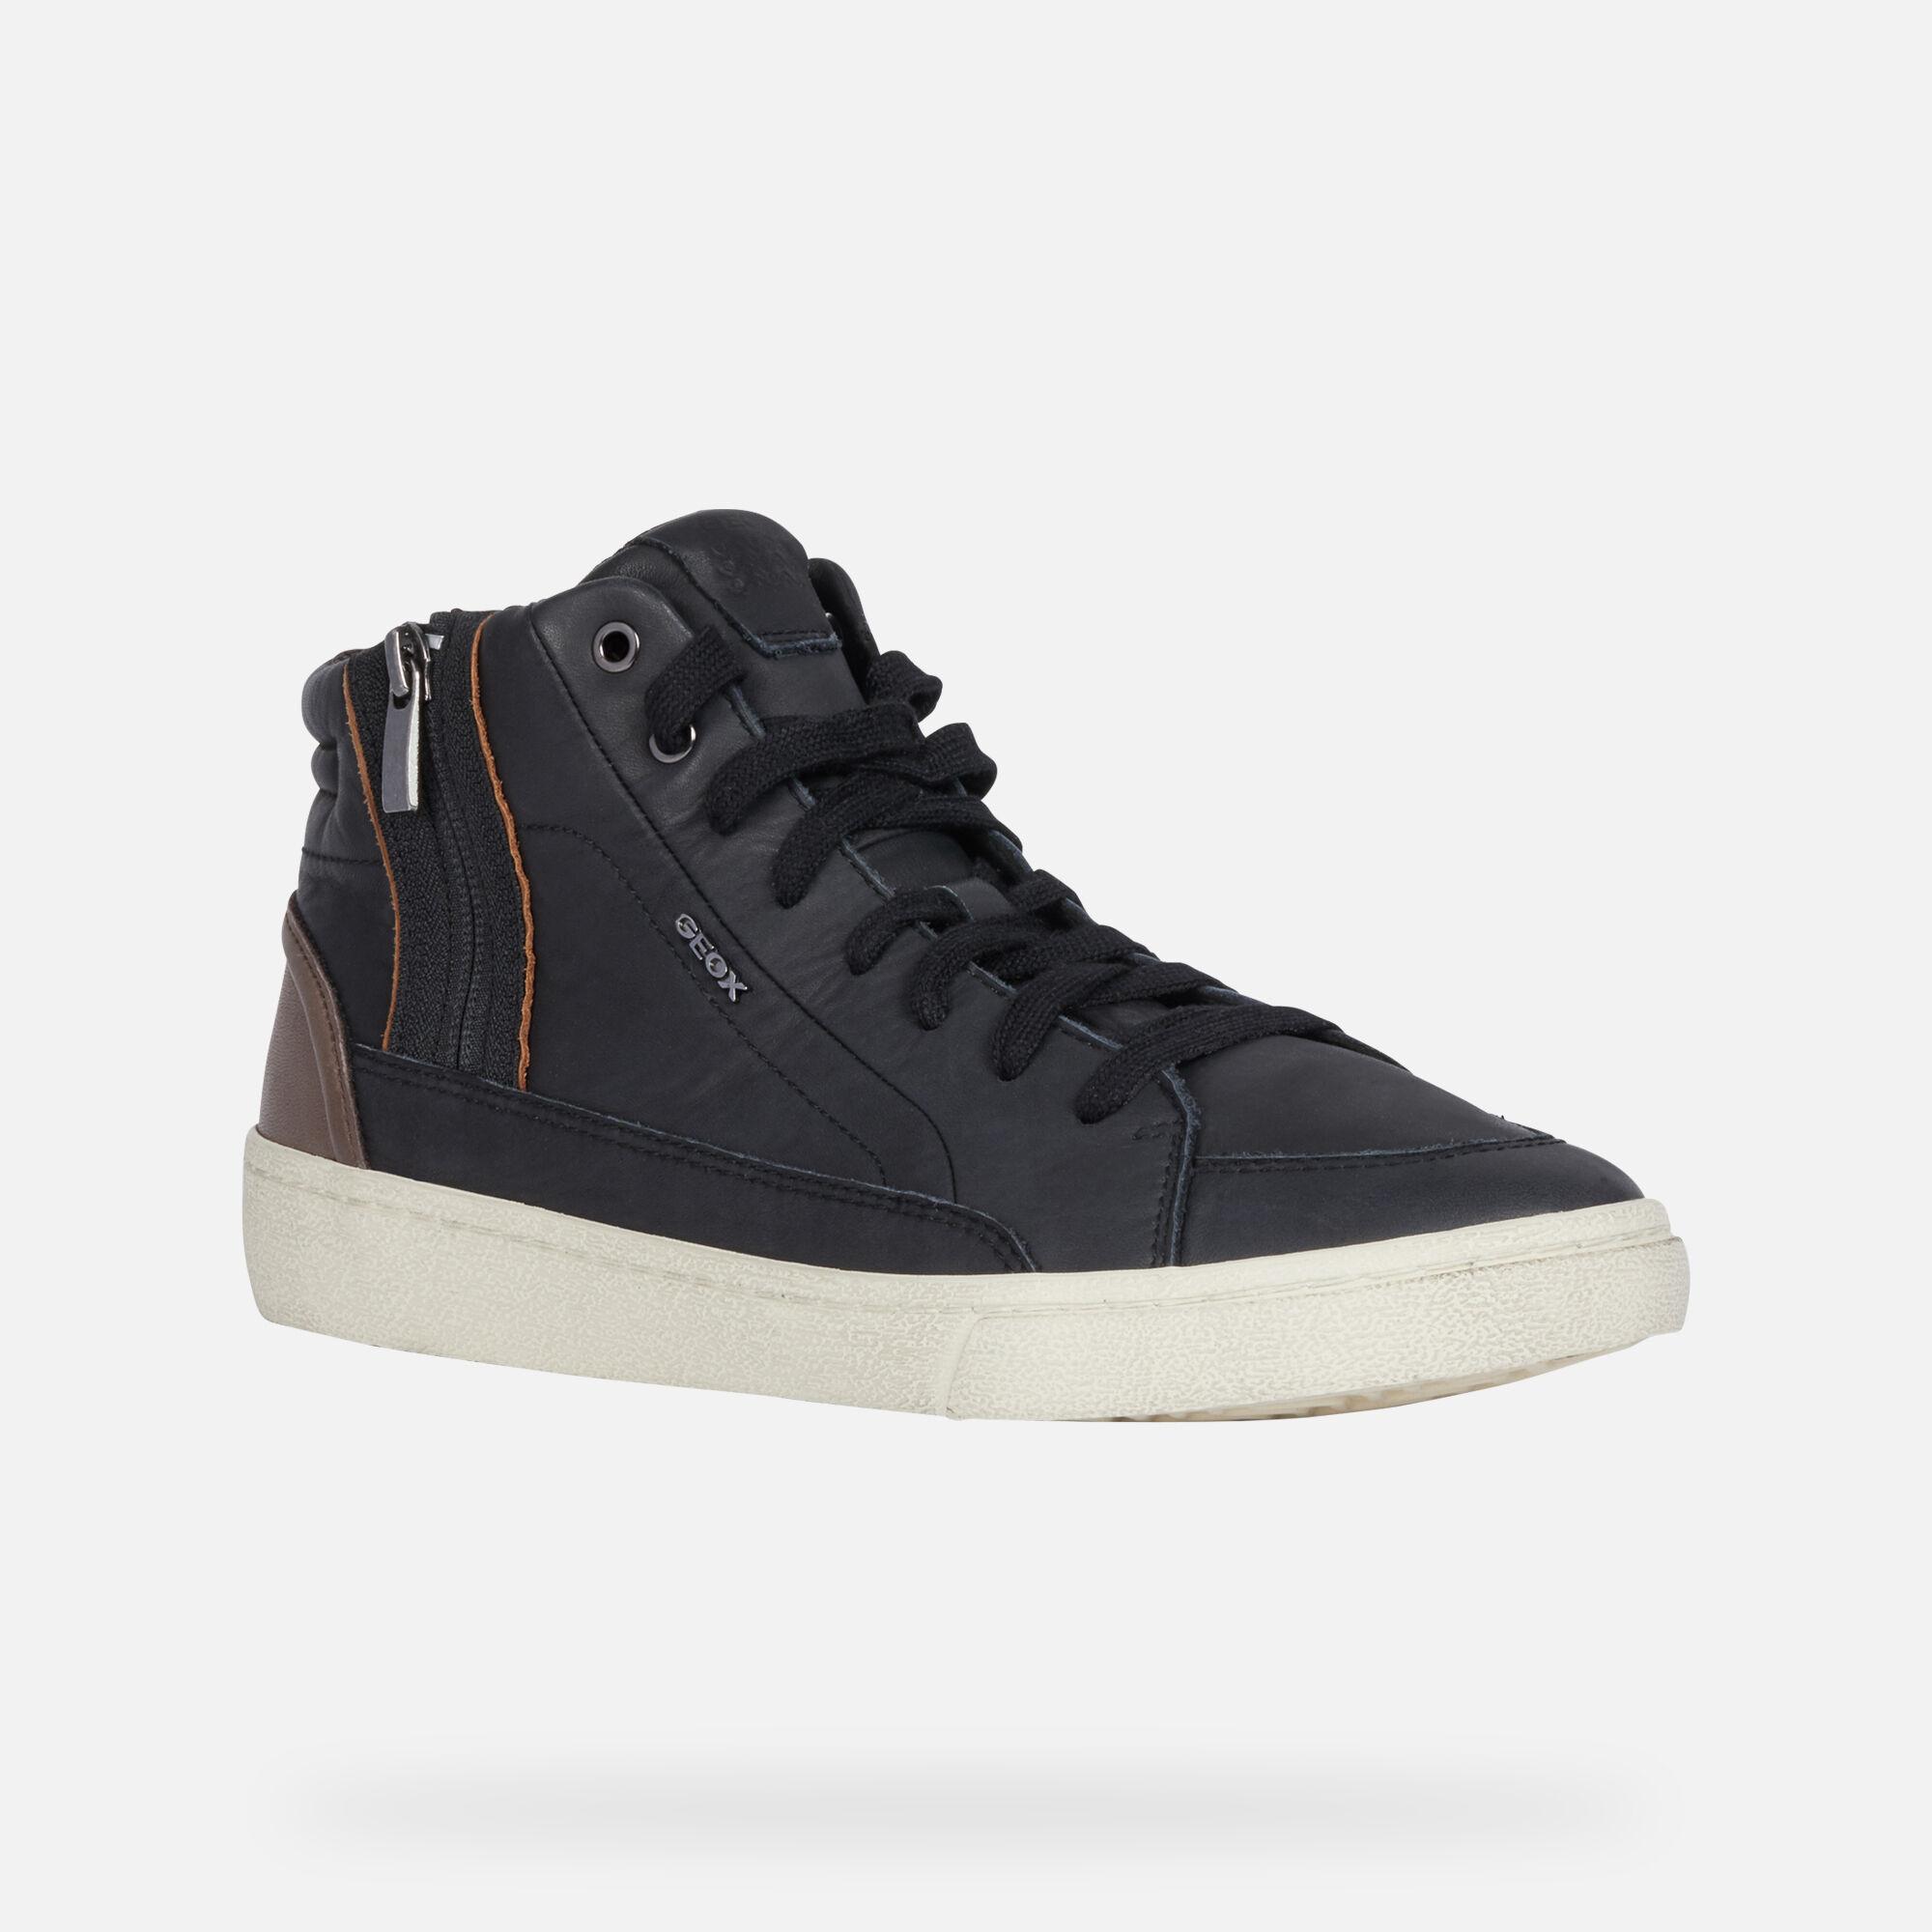 Geox WARLEY Man Black Sneakers | Geox